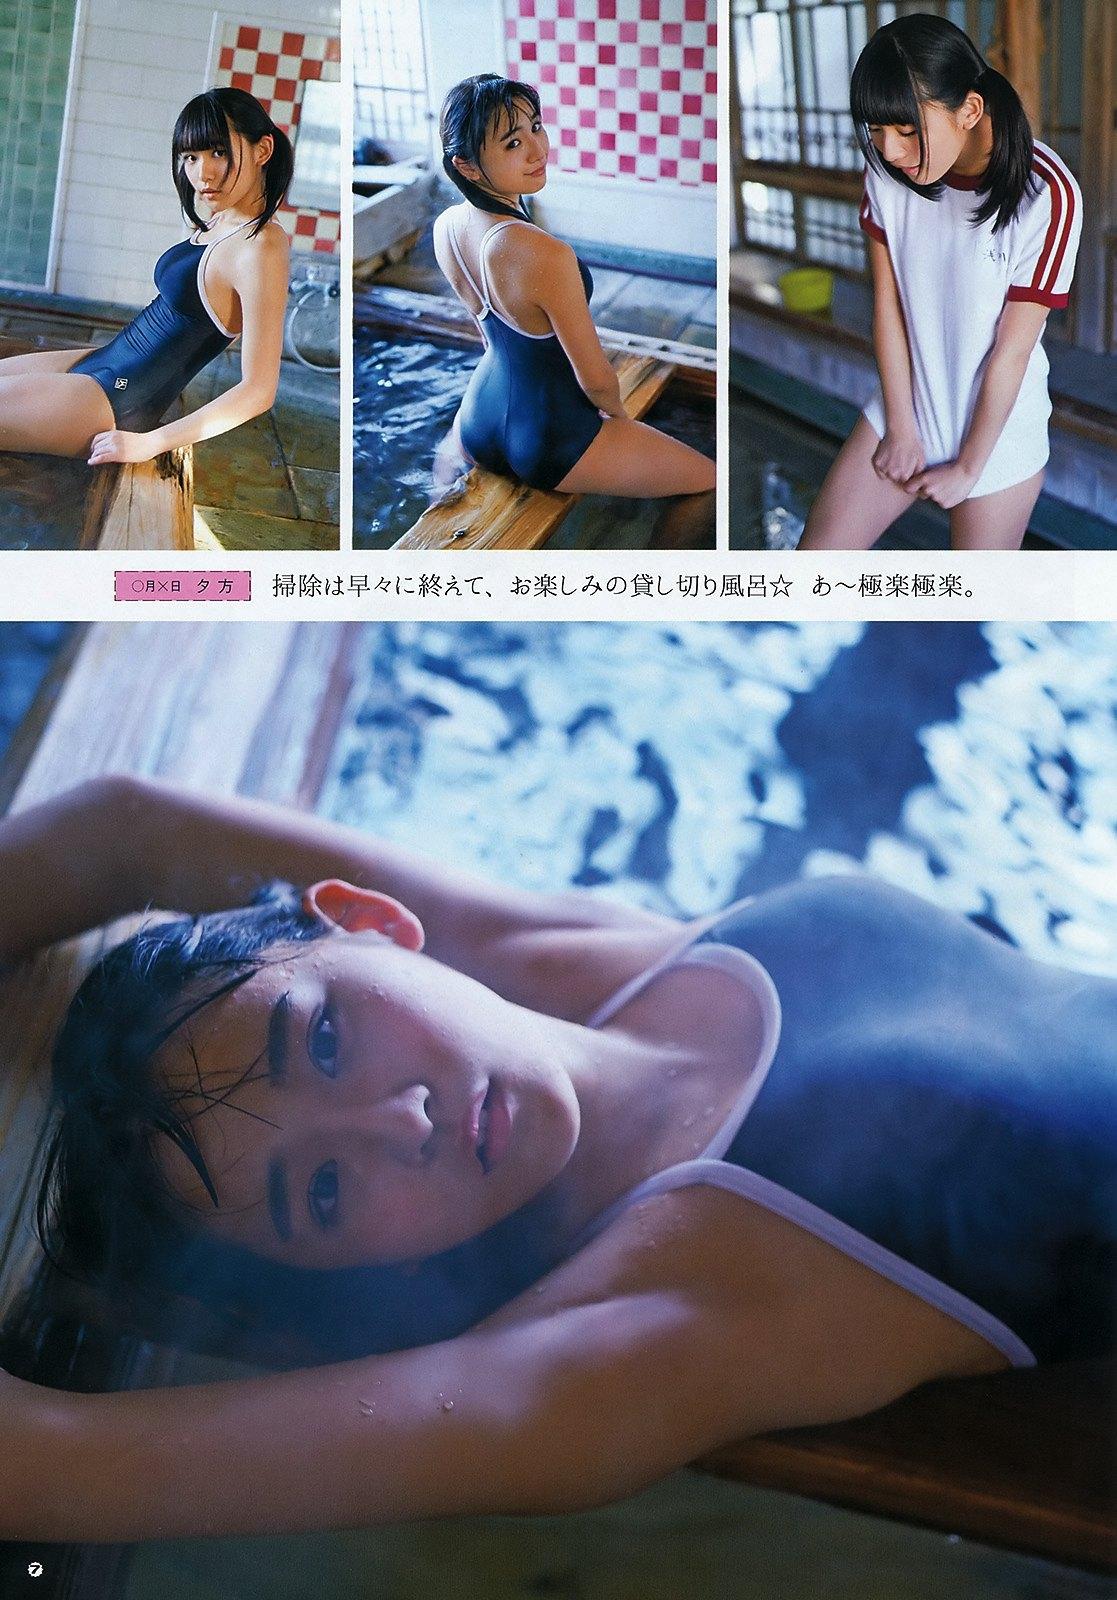 浅川梨奈 ヤングガンガンの最新Eカップ谷間水着グラビア 画像34枚 7